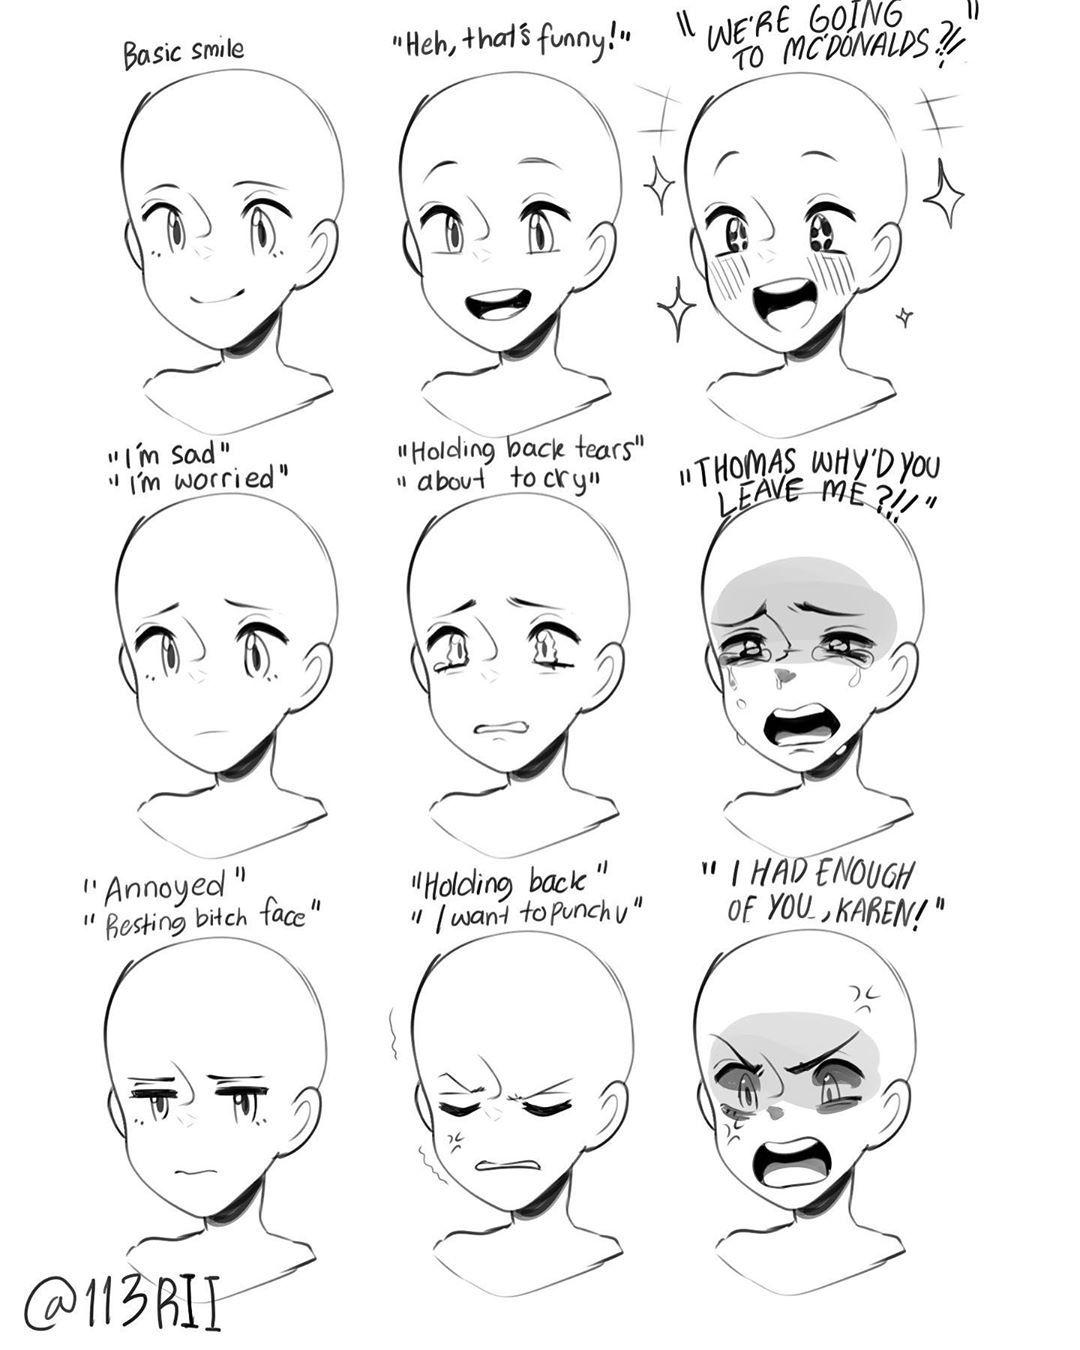 12 Tys Otmetok Nravitsya 59 Kommentariev Smngkred 113rii V Instagram I Got Bored A Drawing Expressions Drawing Face Expressions Drawing Tutorial Face